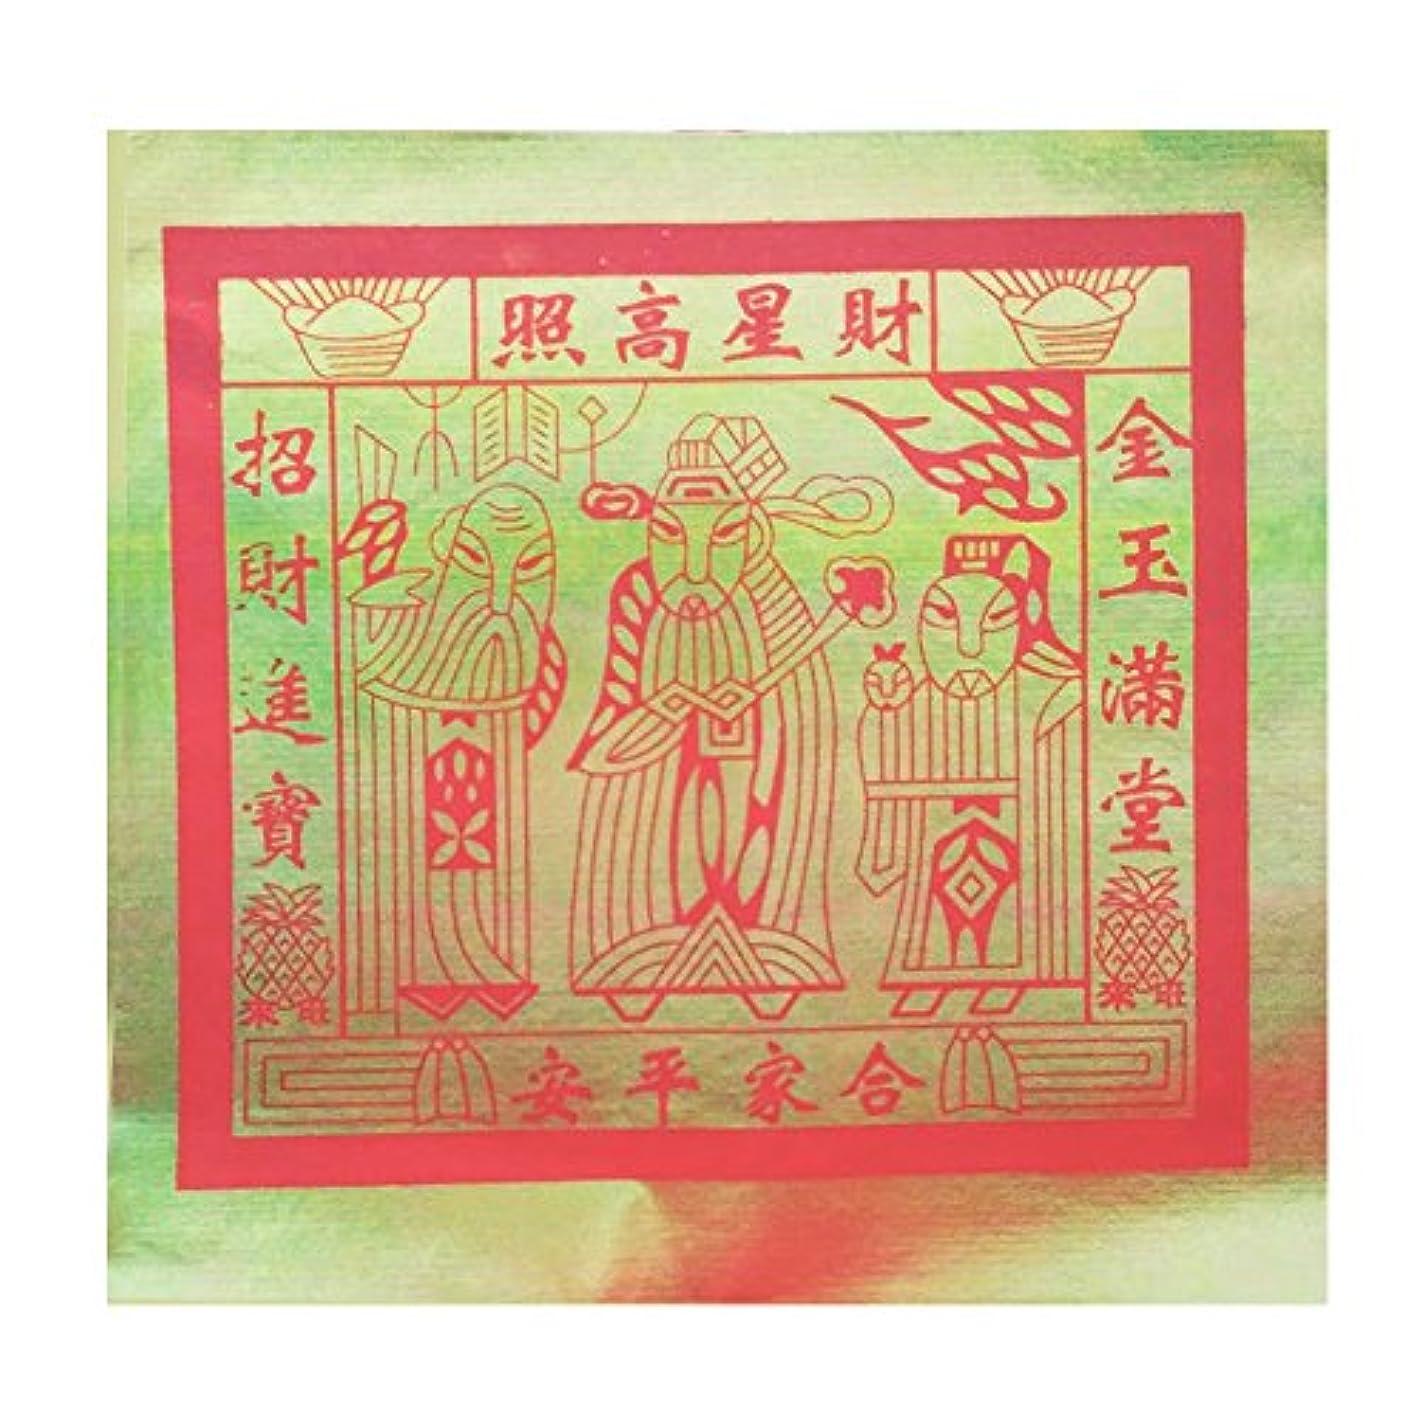 修正するアクセシブル認識100個Incense用紙/ Joss用紙with High Gradeフルゴールド箔サイズ中10.75インチx 10.4インチ